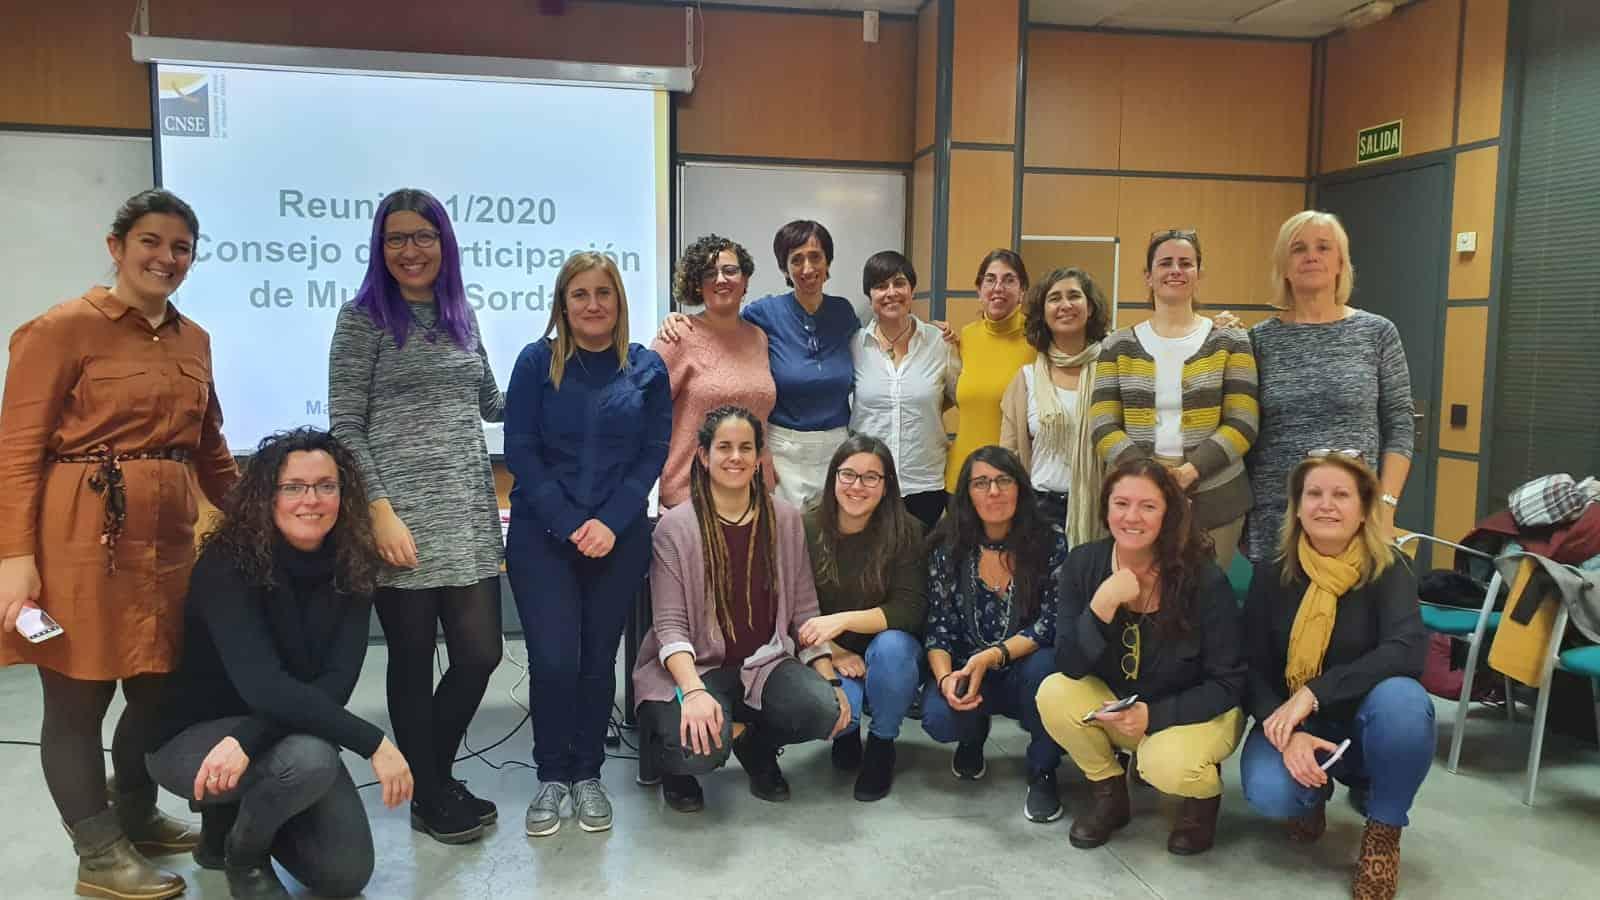 Foto grupal de mujeres sordas